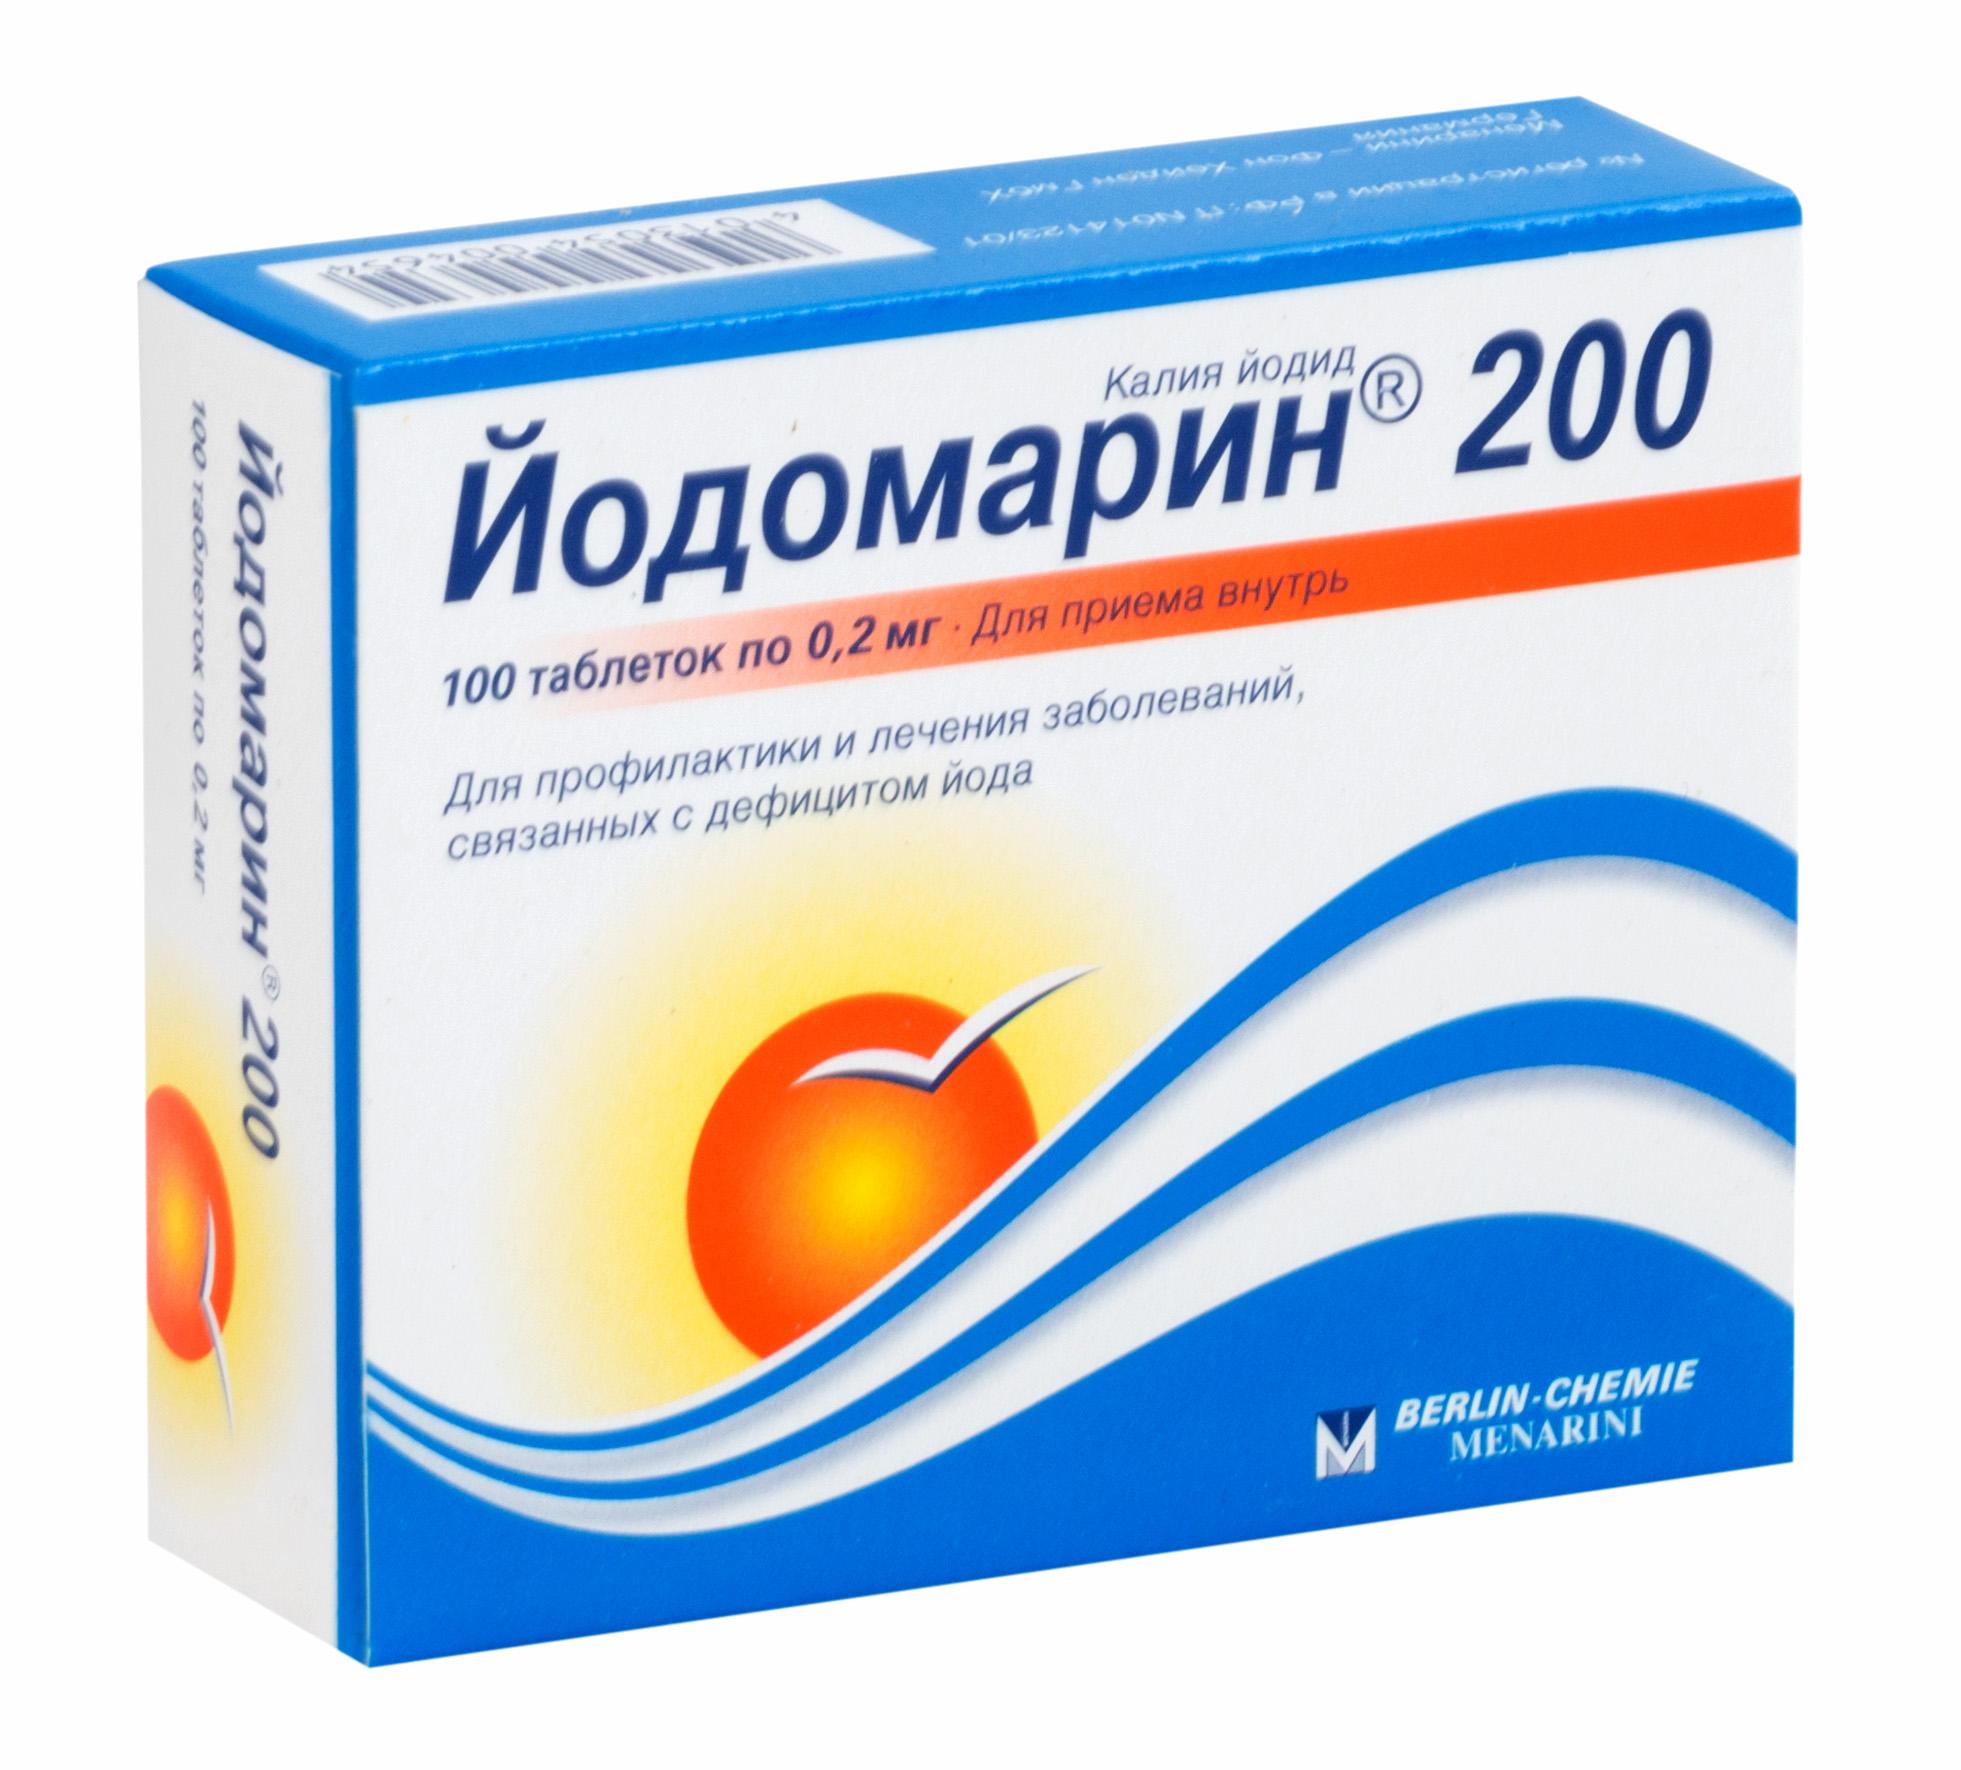 Йодомарин 200 таб. 0,2мг n100